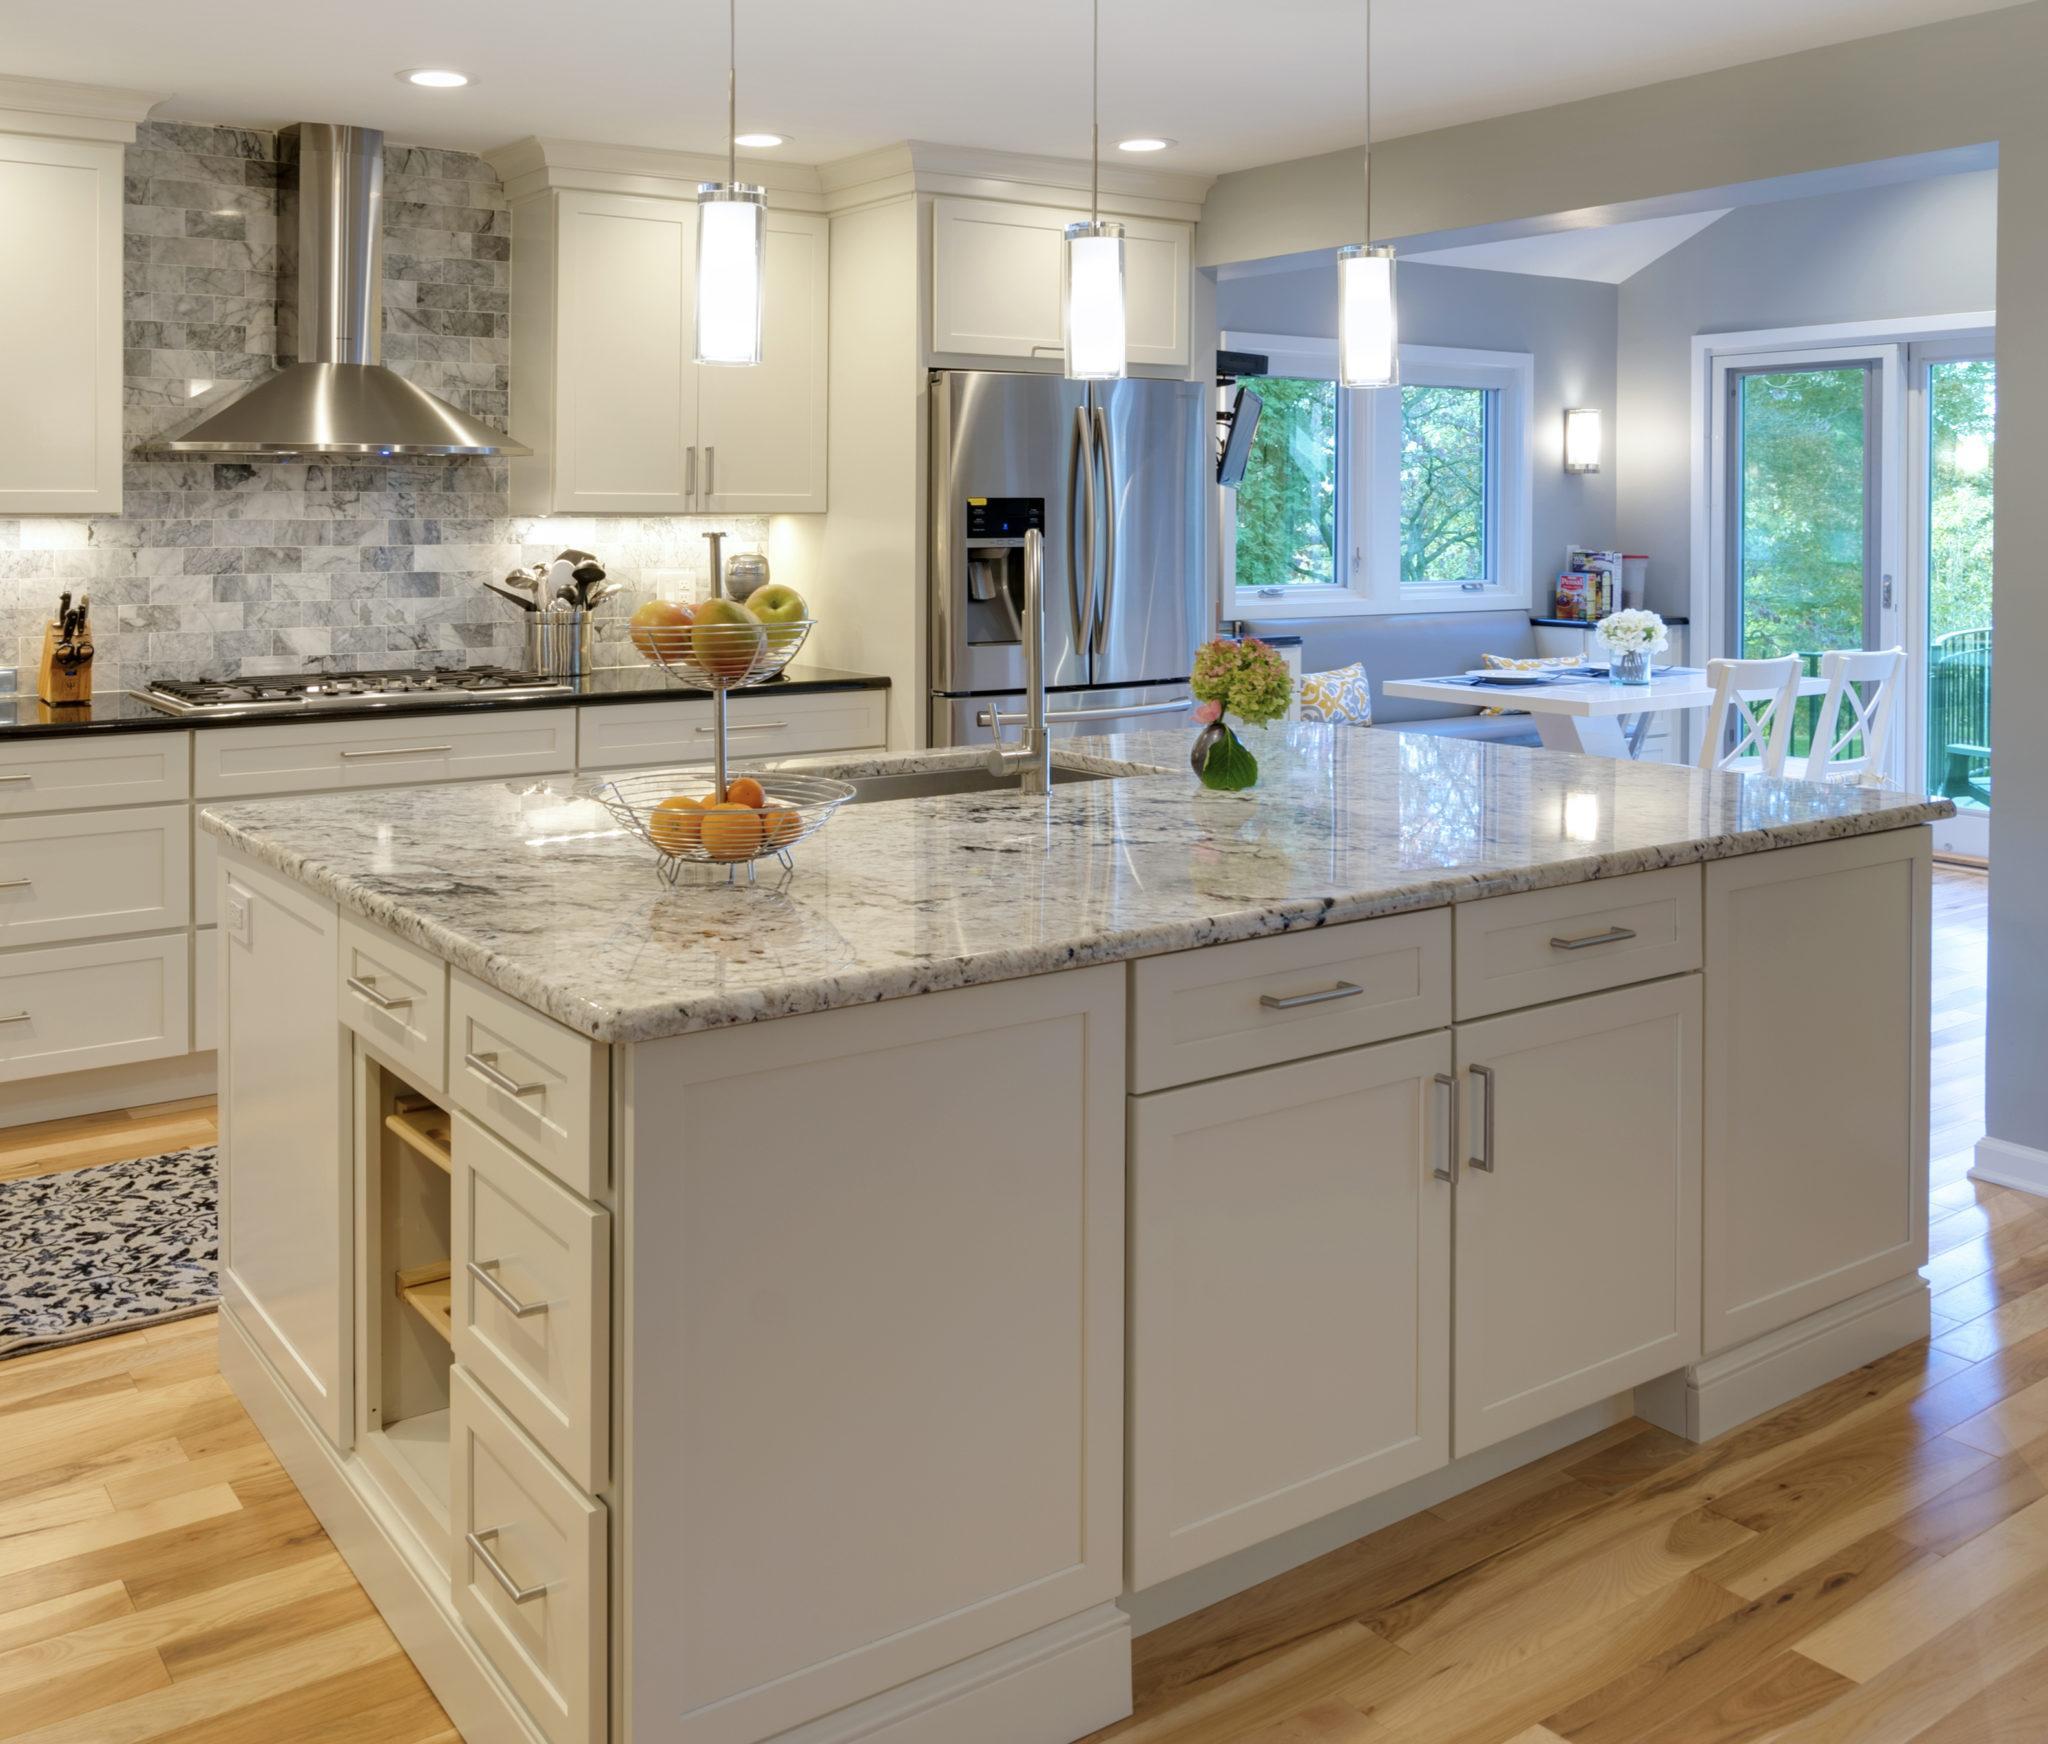 Main line kitchen design - milestones from 2017 to 2018. EOZHTPR